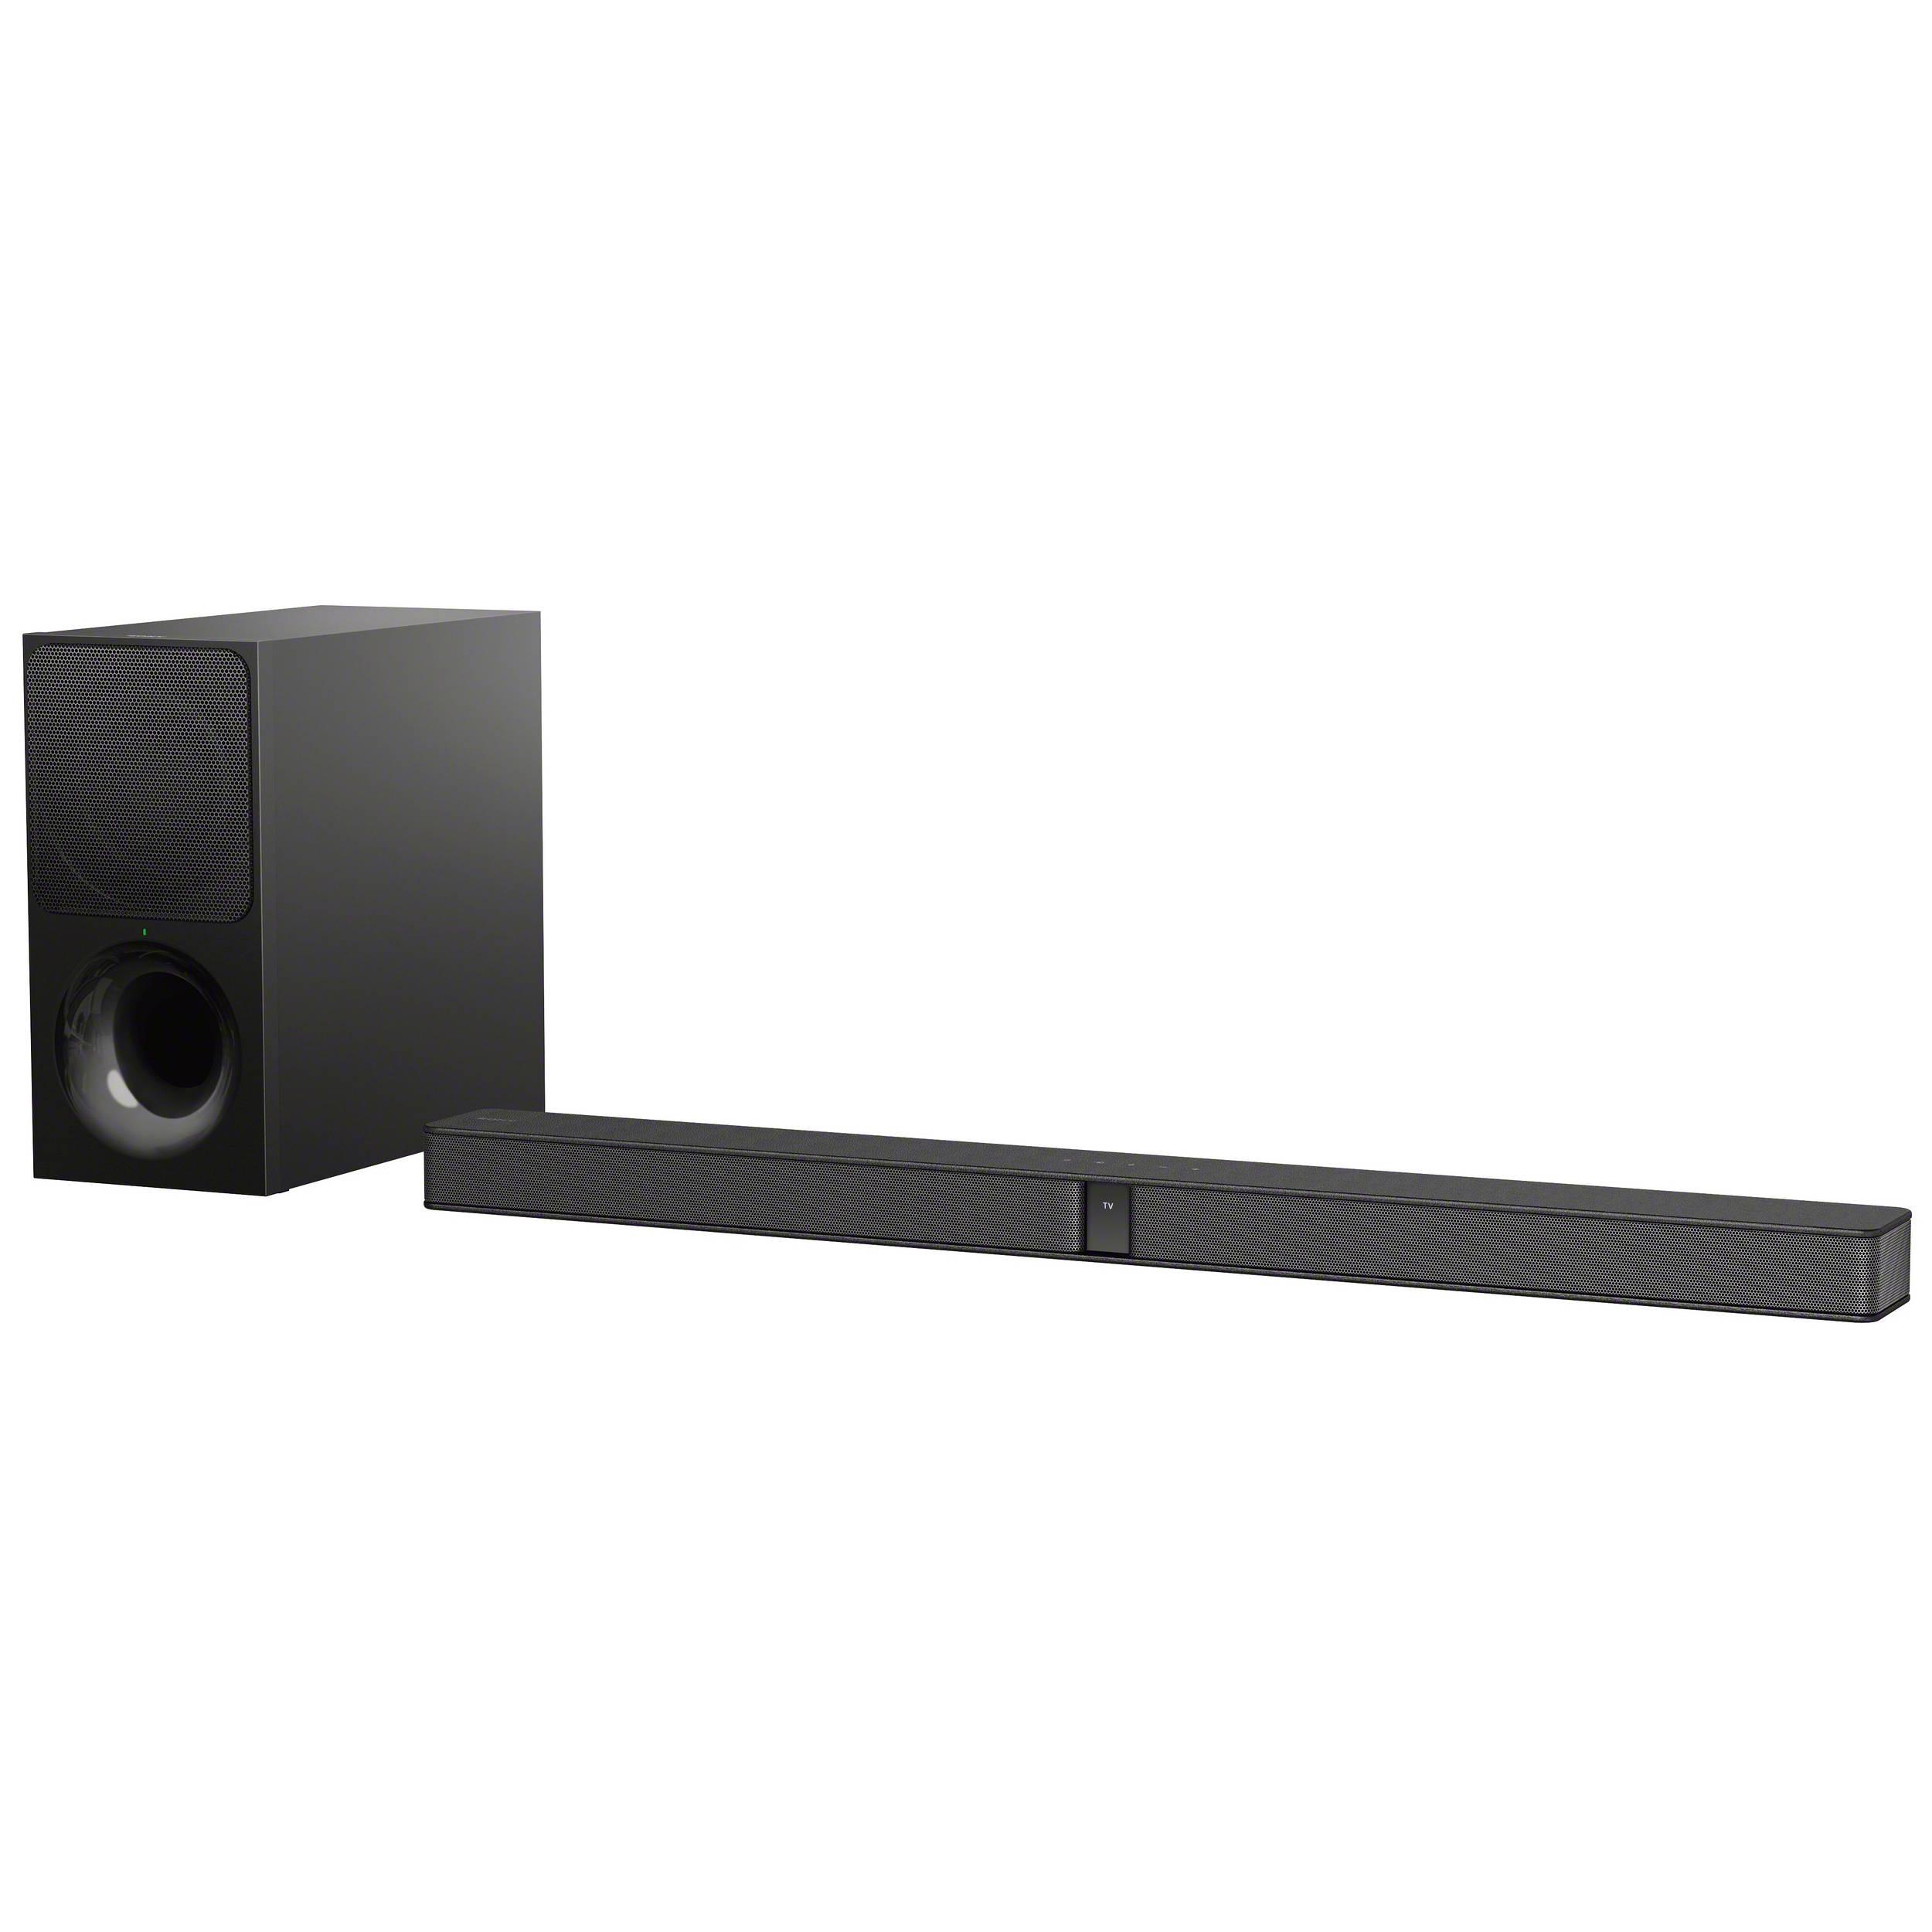 Sony Ht Ct290 300w 2 1 Channel Soundbar System